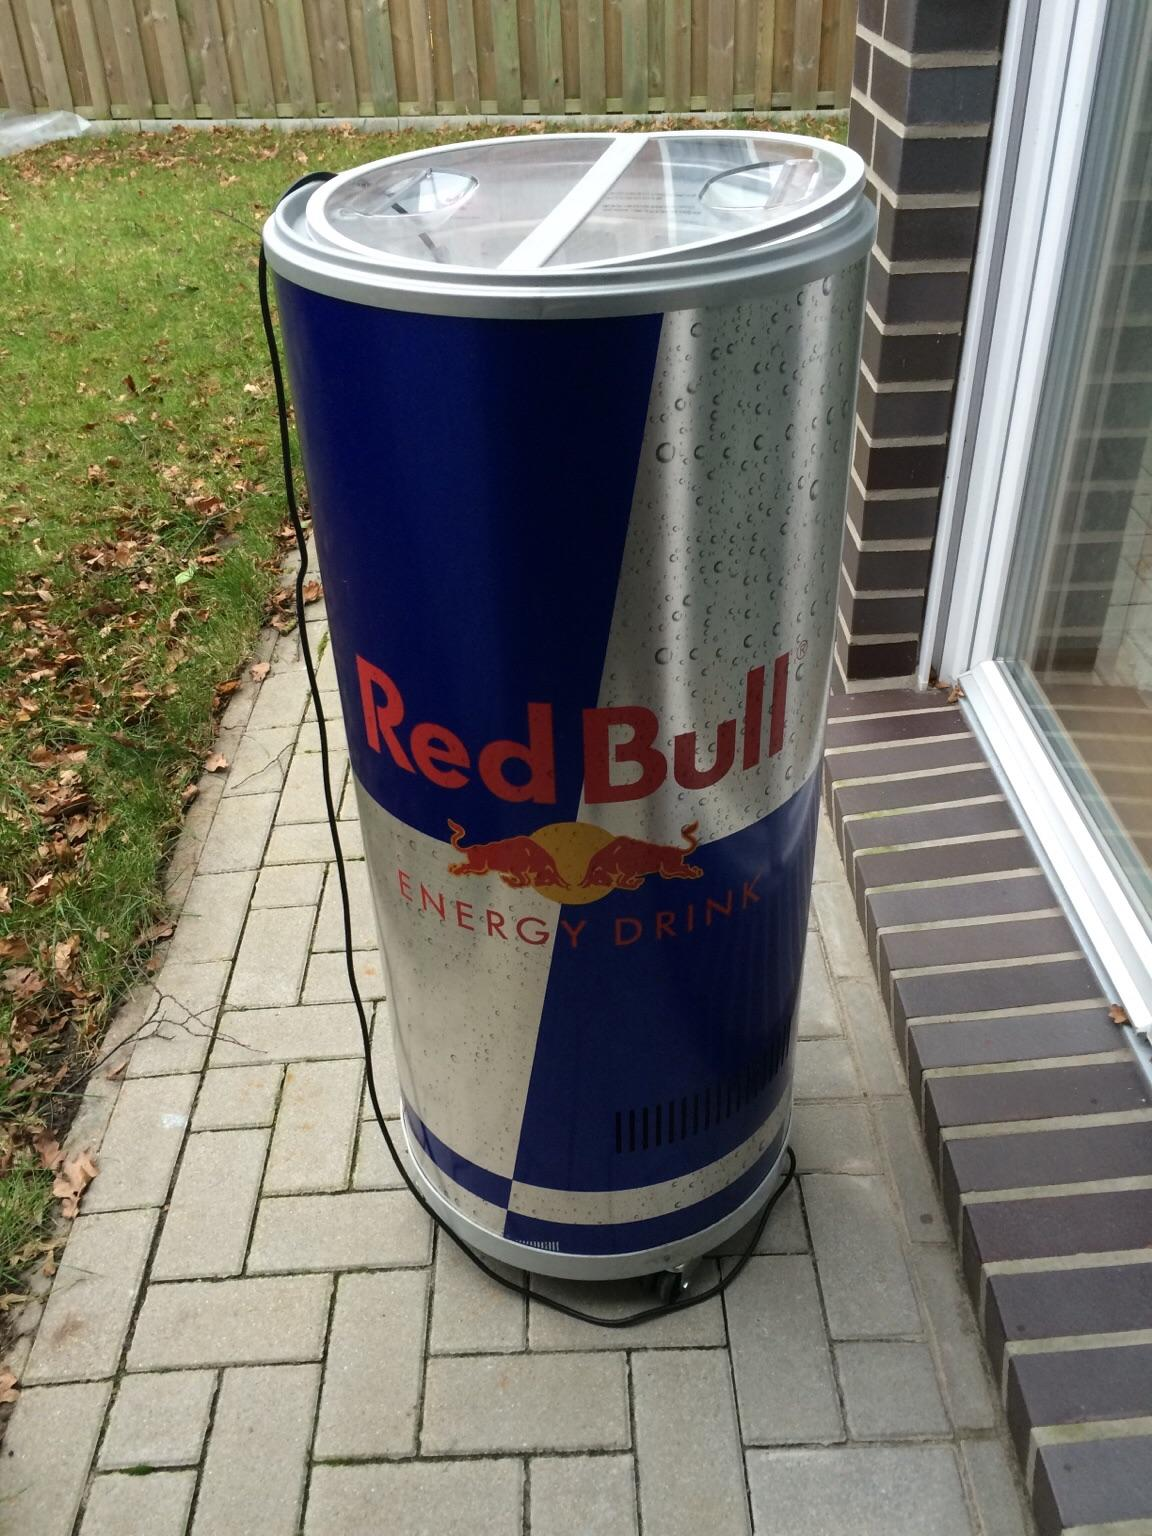 Red Bull Kühlschrank Neu Kaufen : Gebraucht redbull kühlschrank neu in oldenburg um u ac